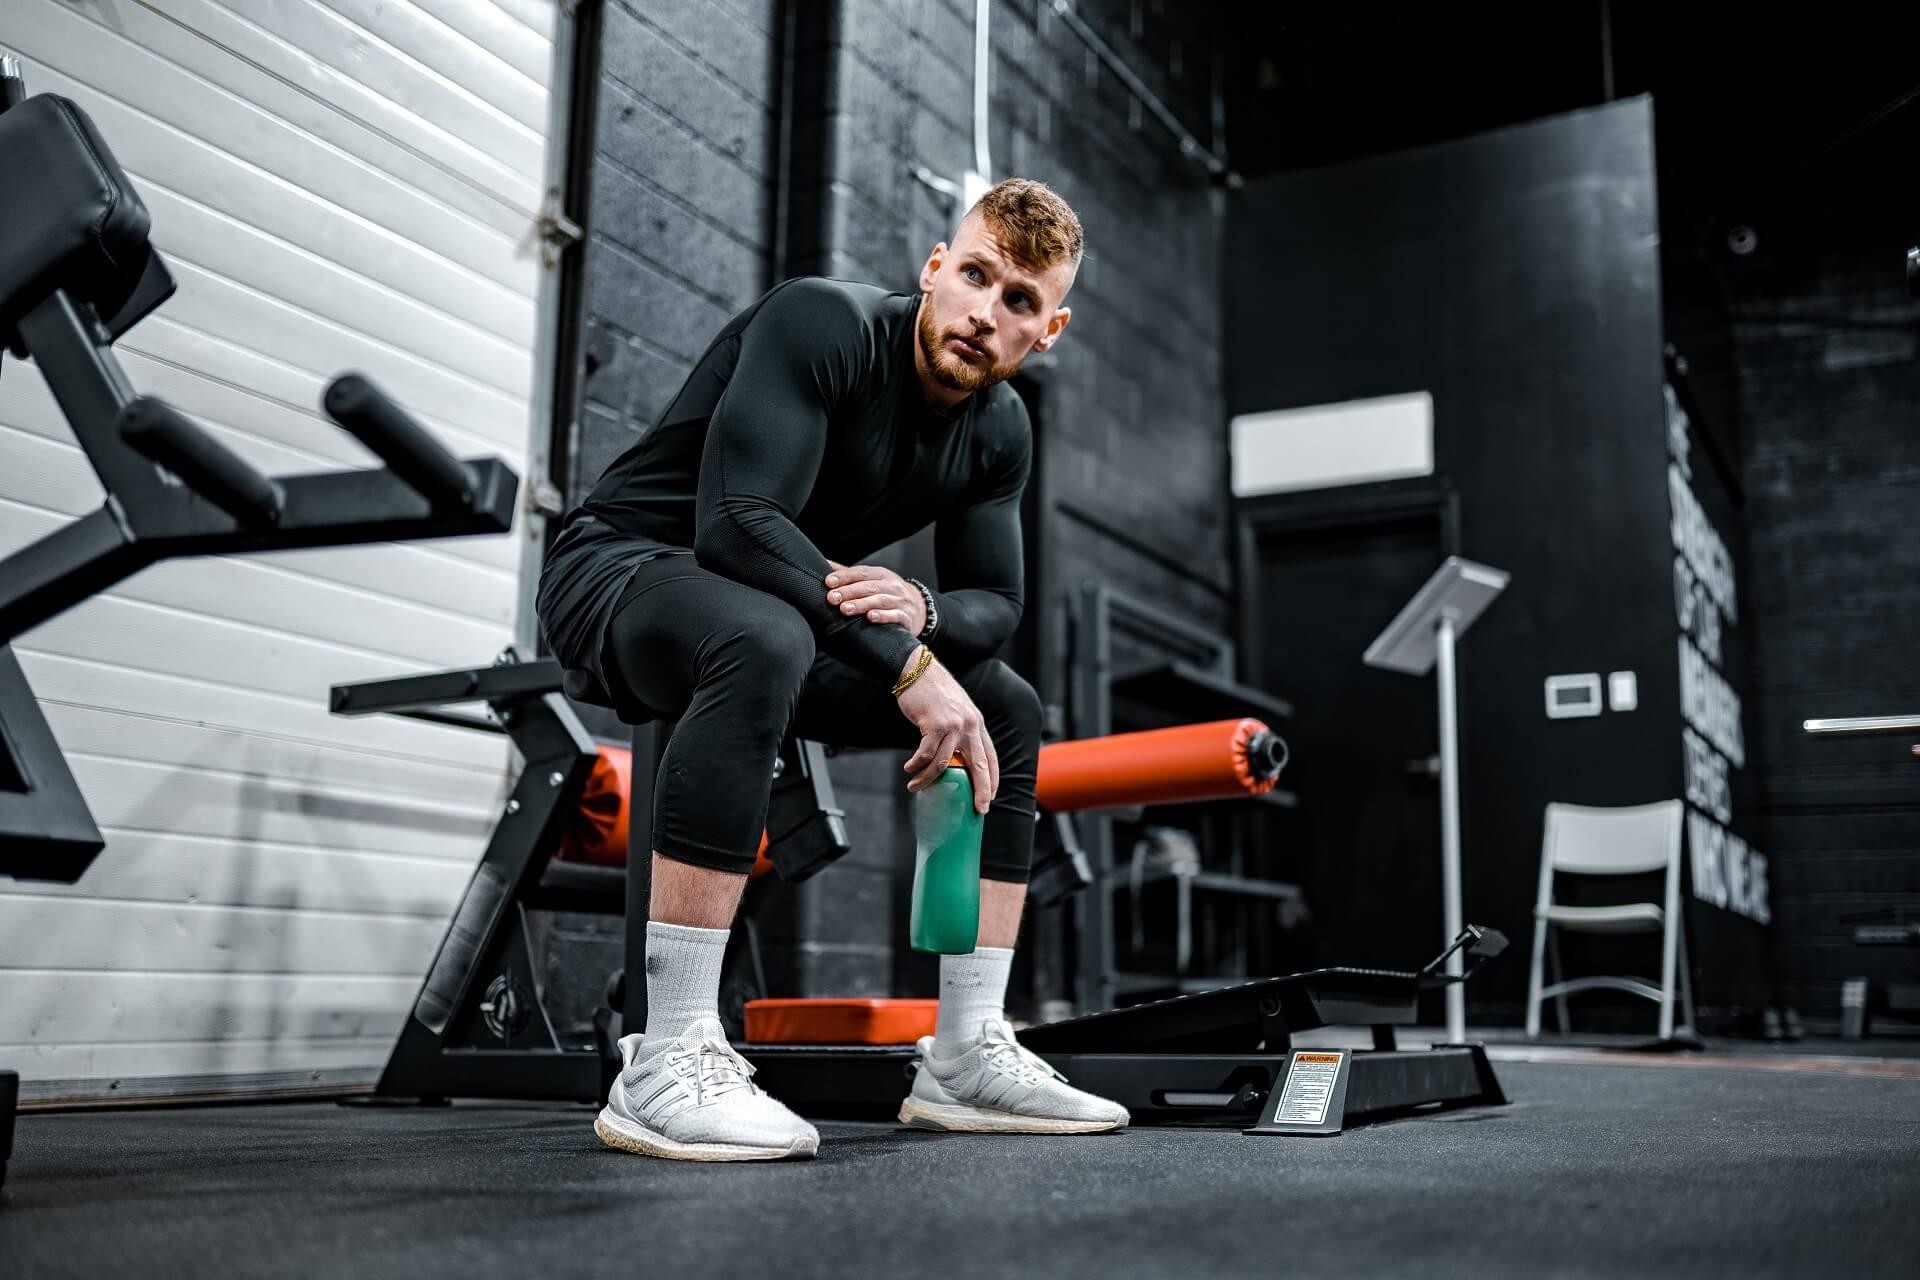 Как тренироваться, чтобы достичь результата: Советы фитнес-эксперта-Фото 5